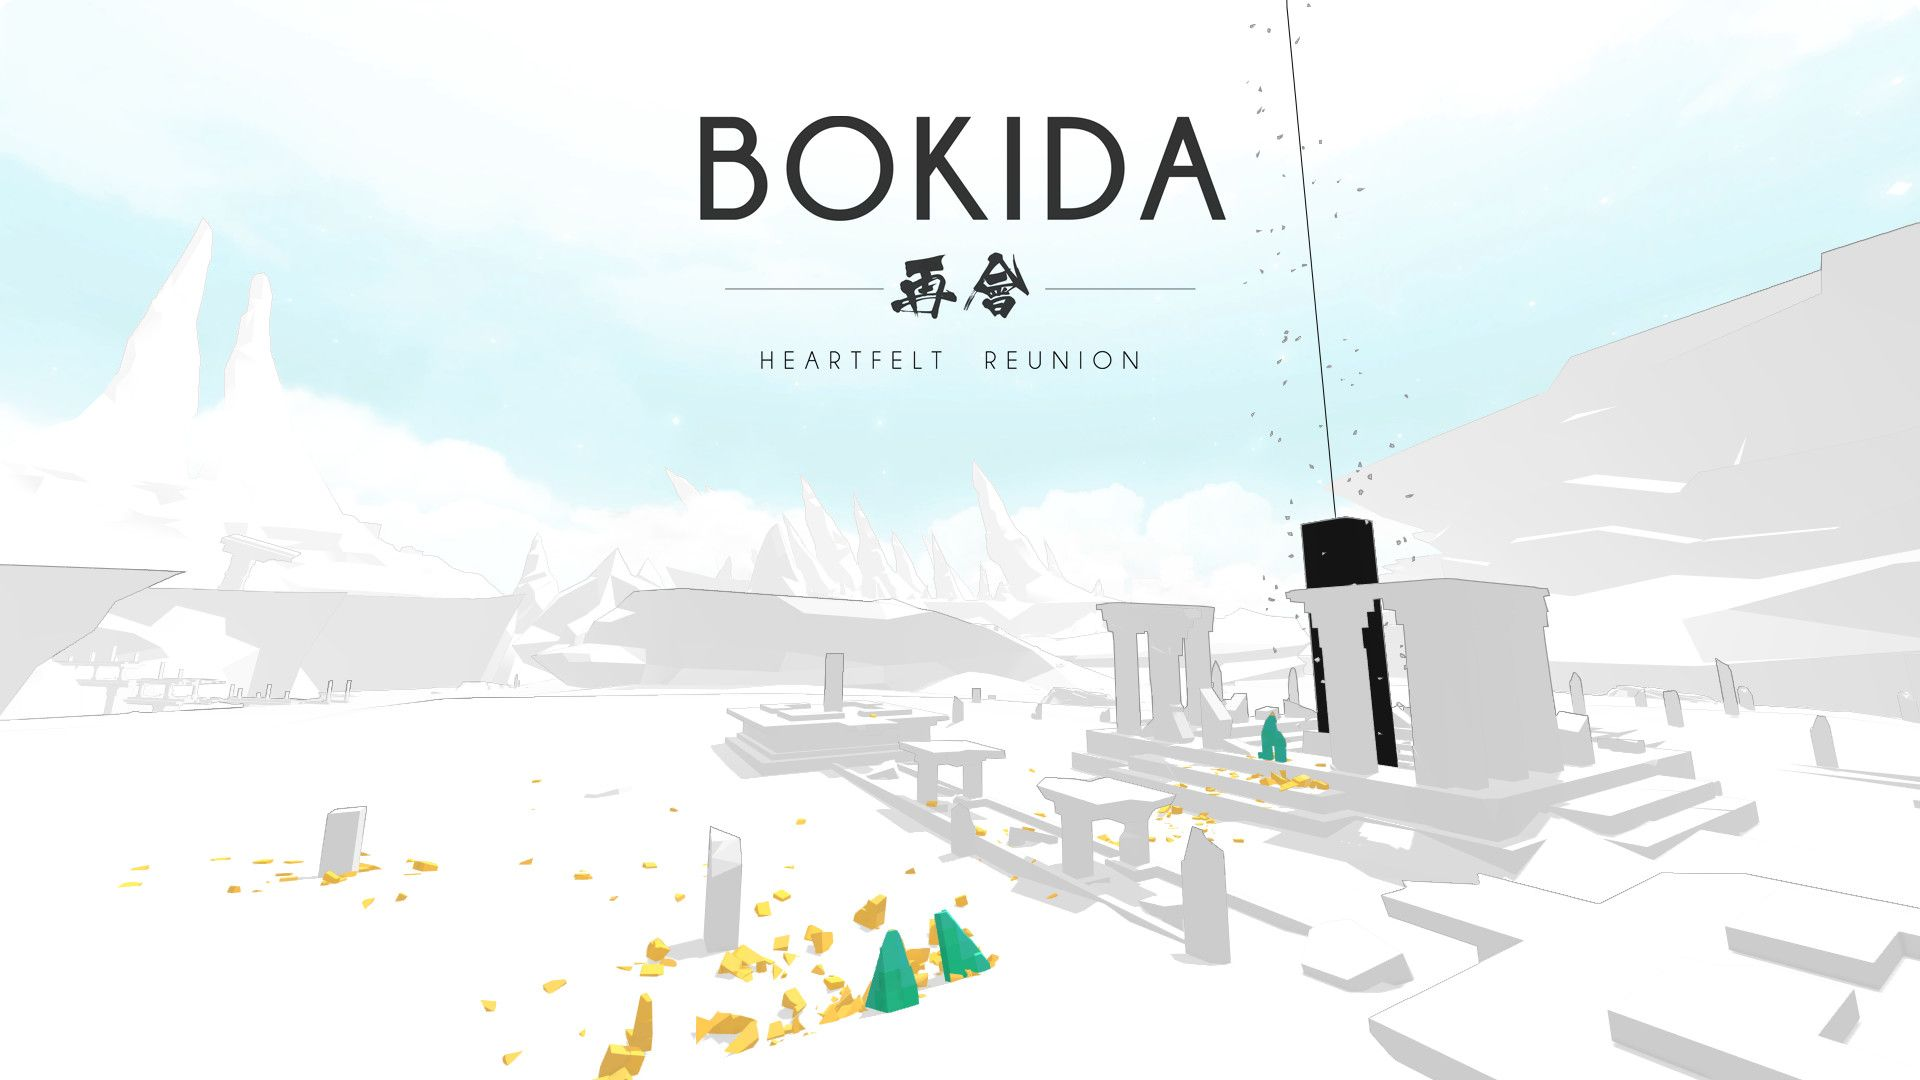 Bokida - Quai10